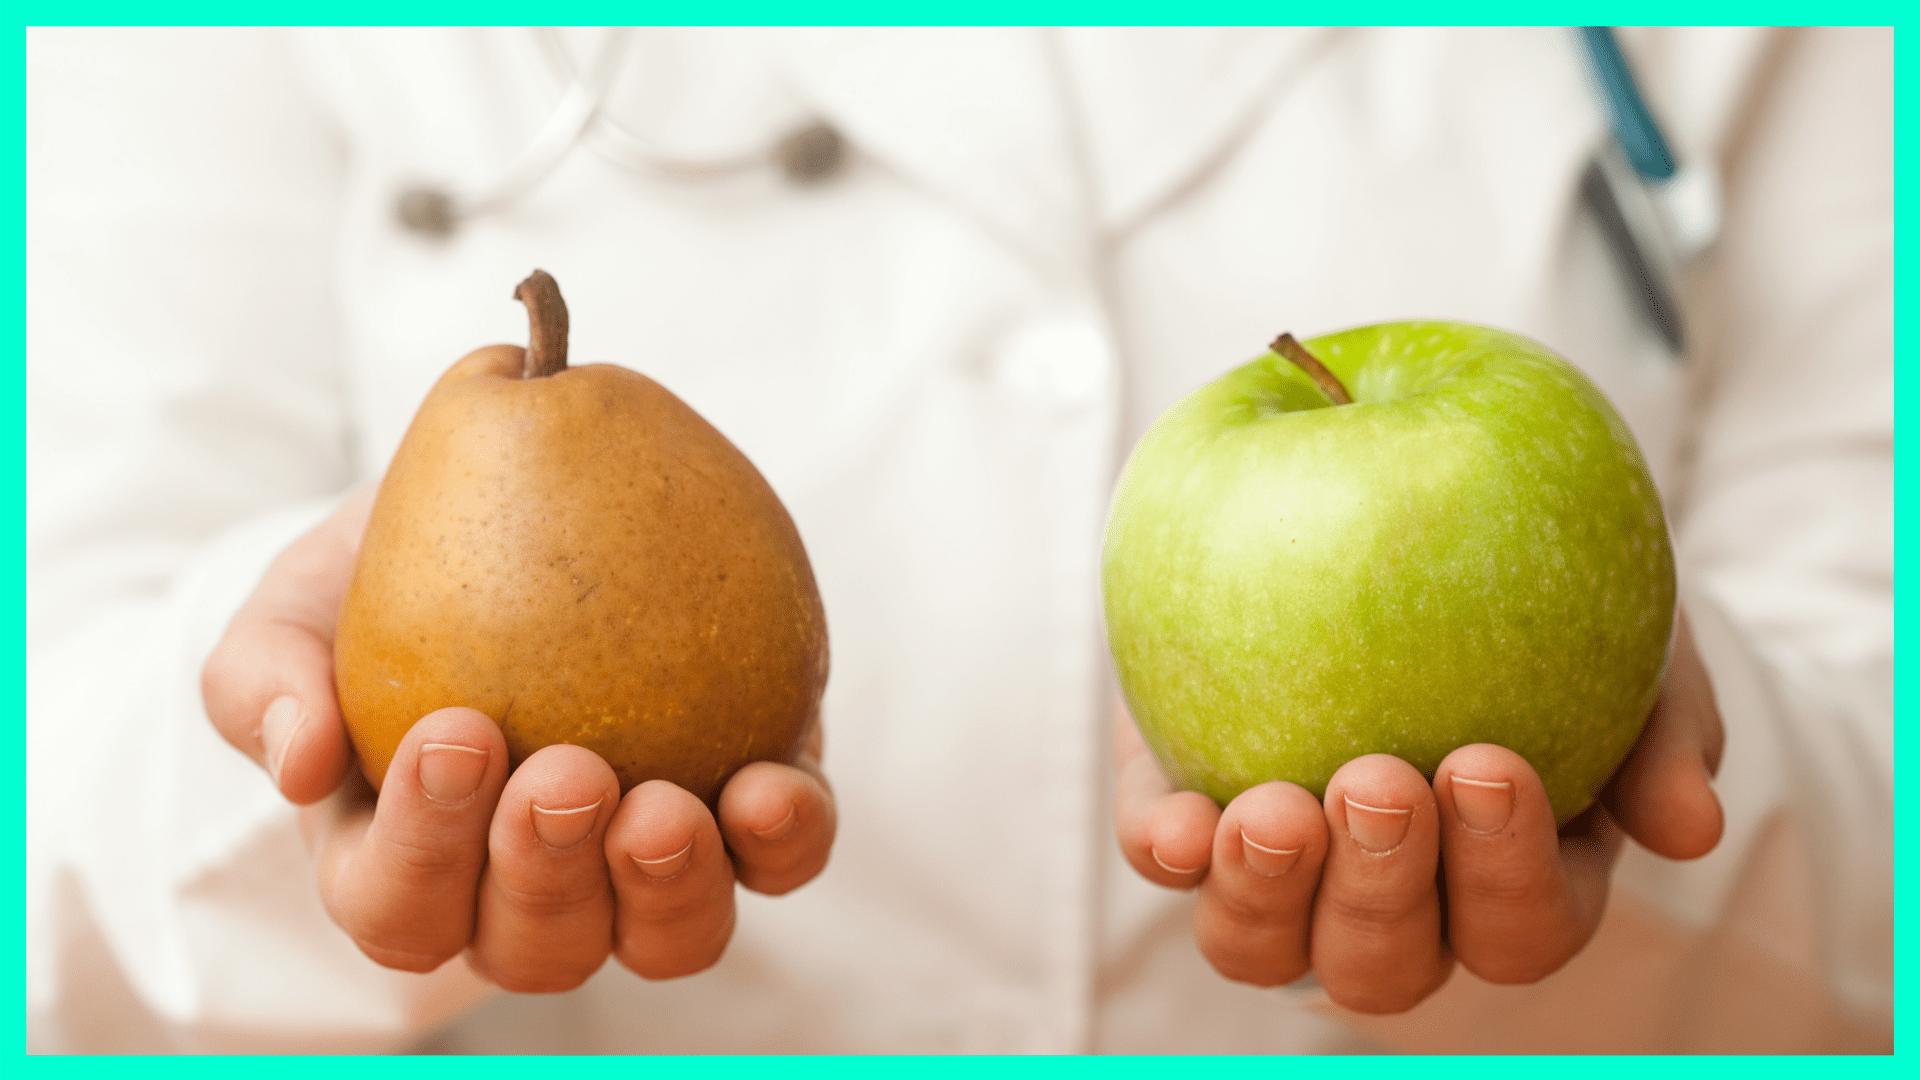 Birne gegen Apfel